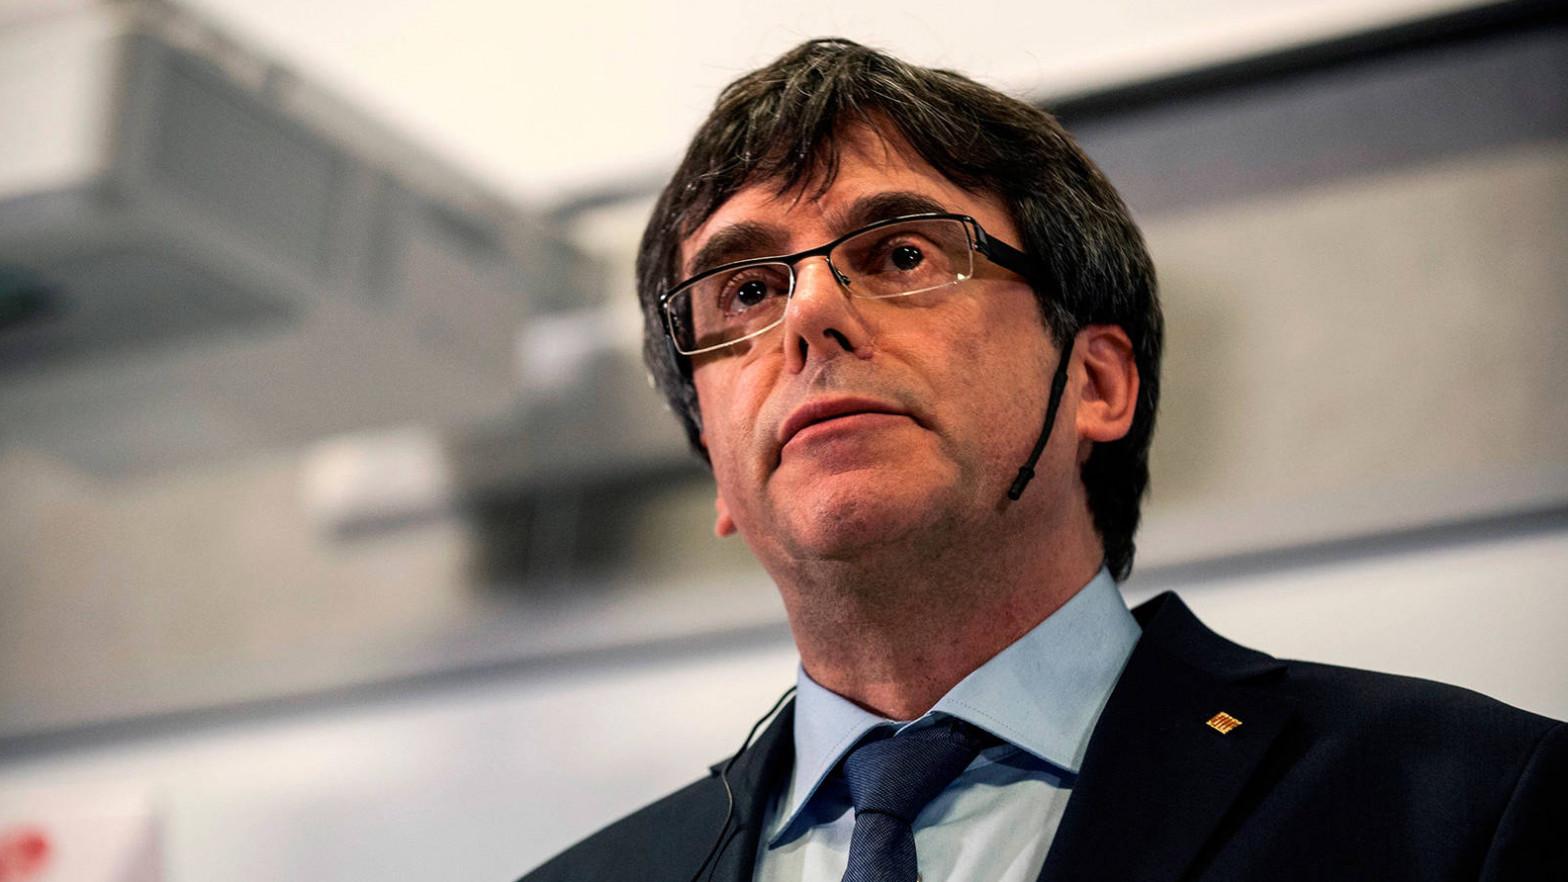 Un eurodiputado búlgaro demanda a Puigdemont por llamarlo fascista